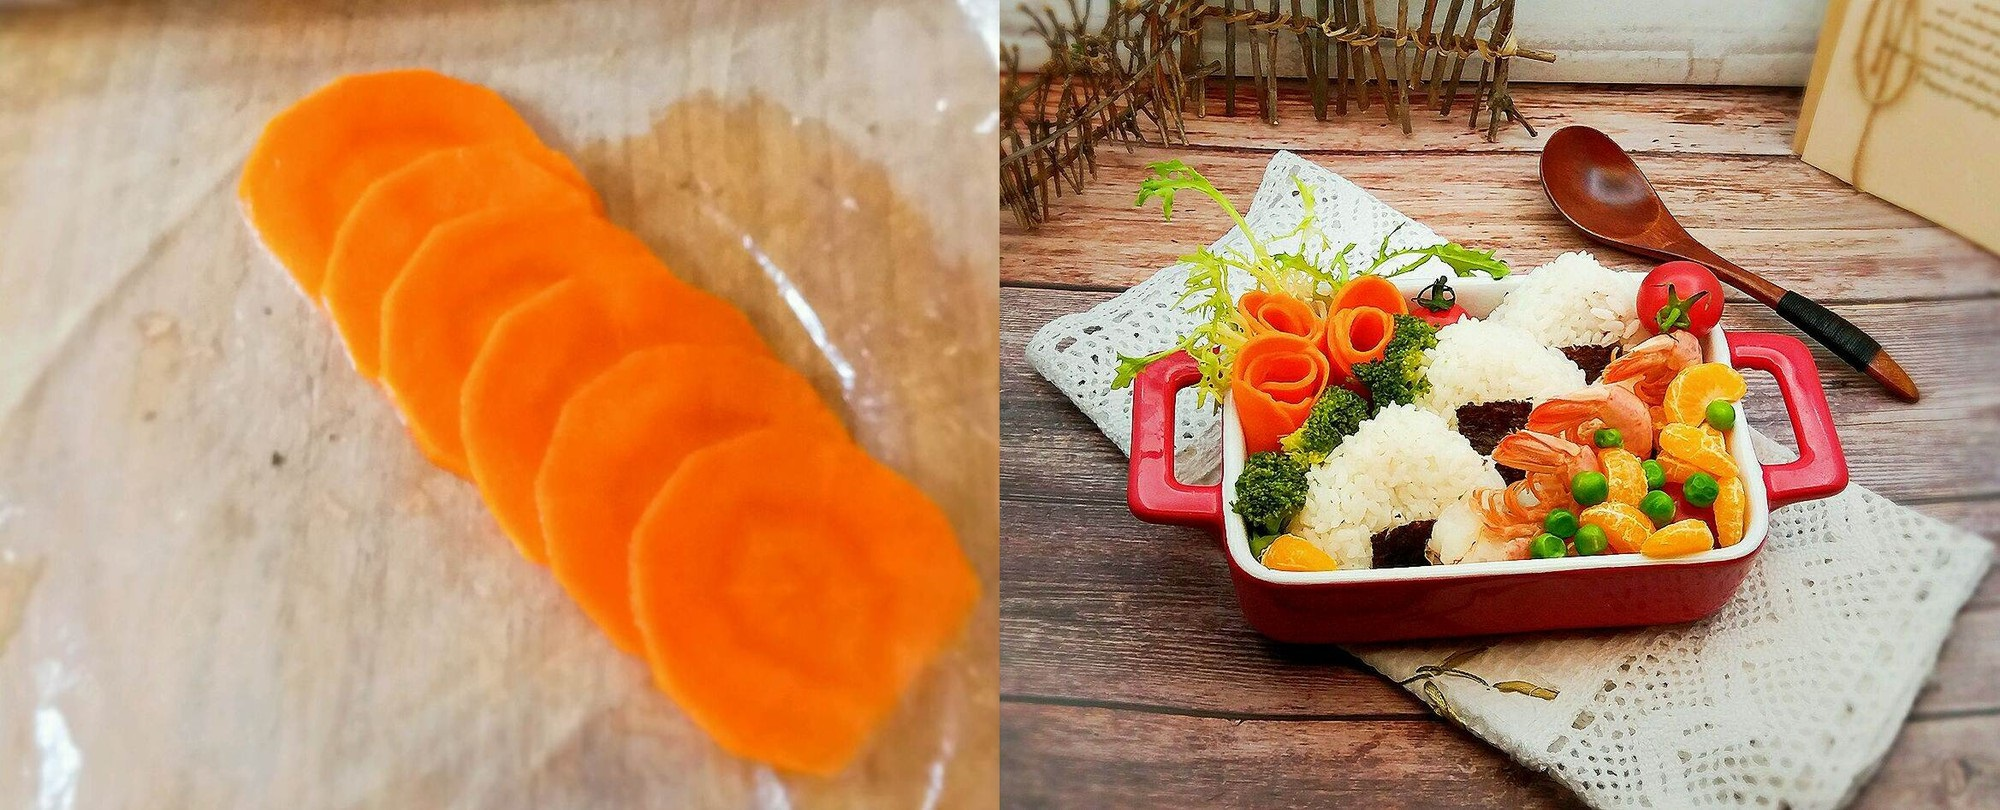 Tự làm cơm hộp ngon đẹp cho bữa trưa - Ảnh 4